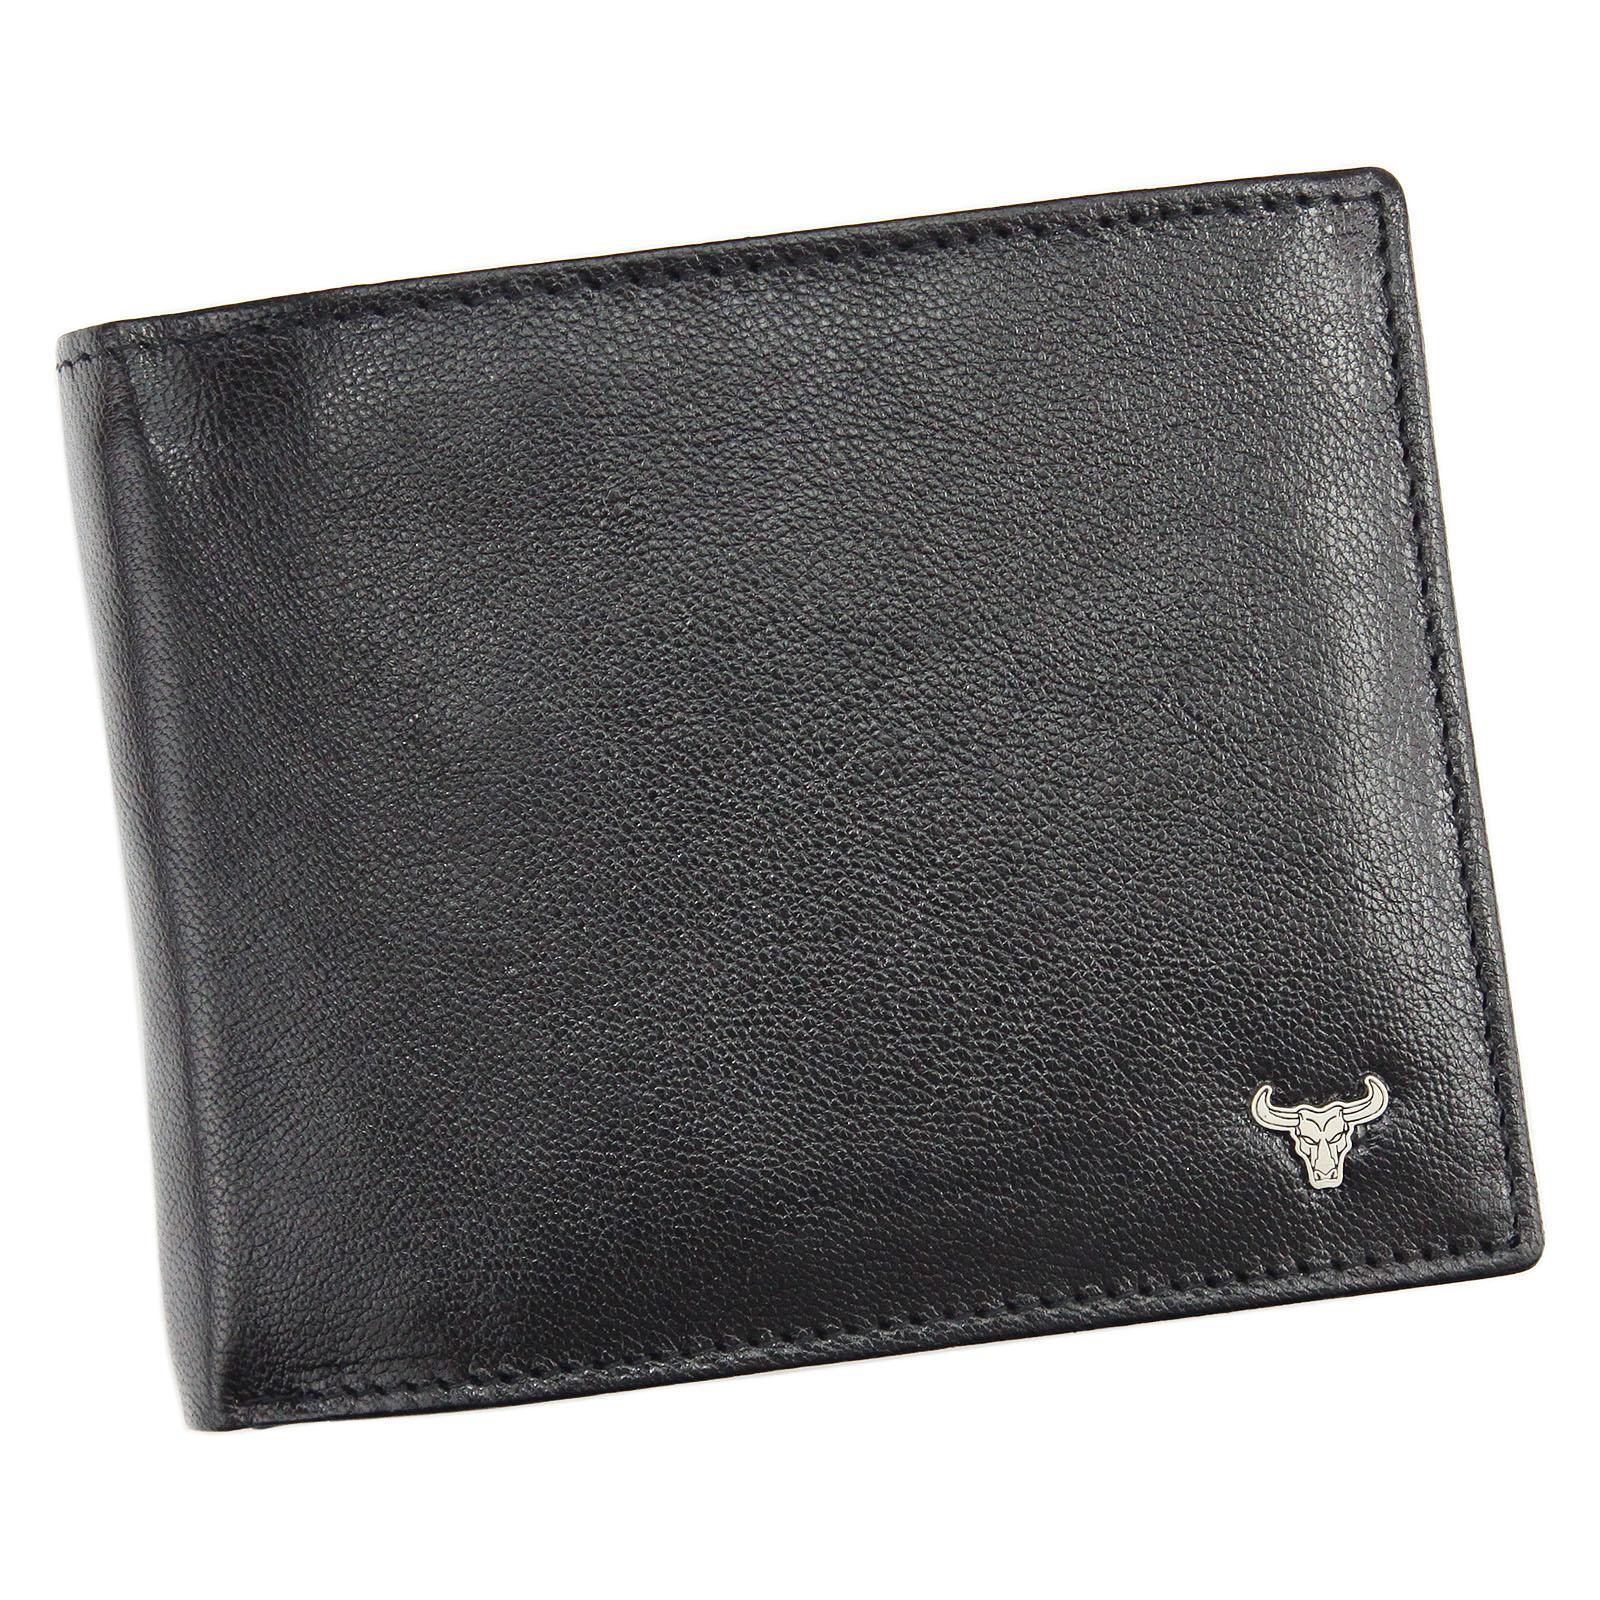 Hnedá pánska peňaženka Wild N105-BW